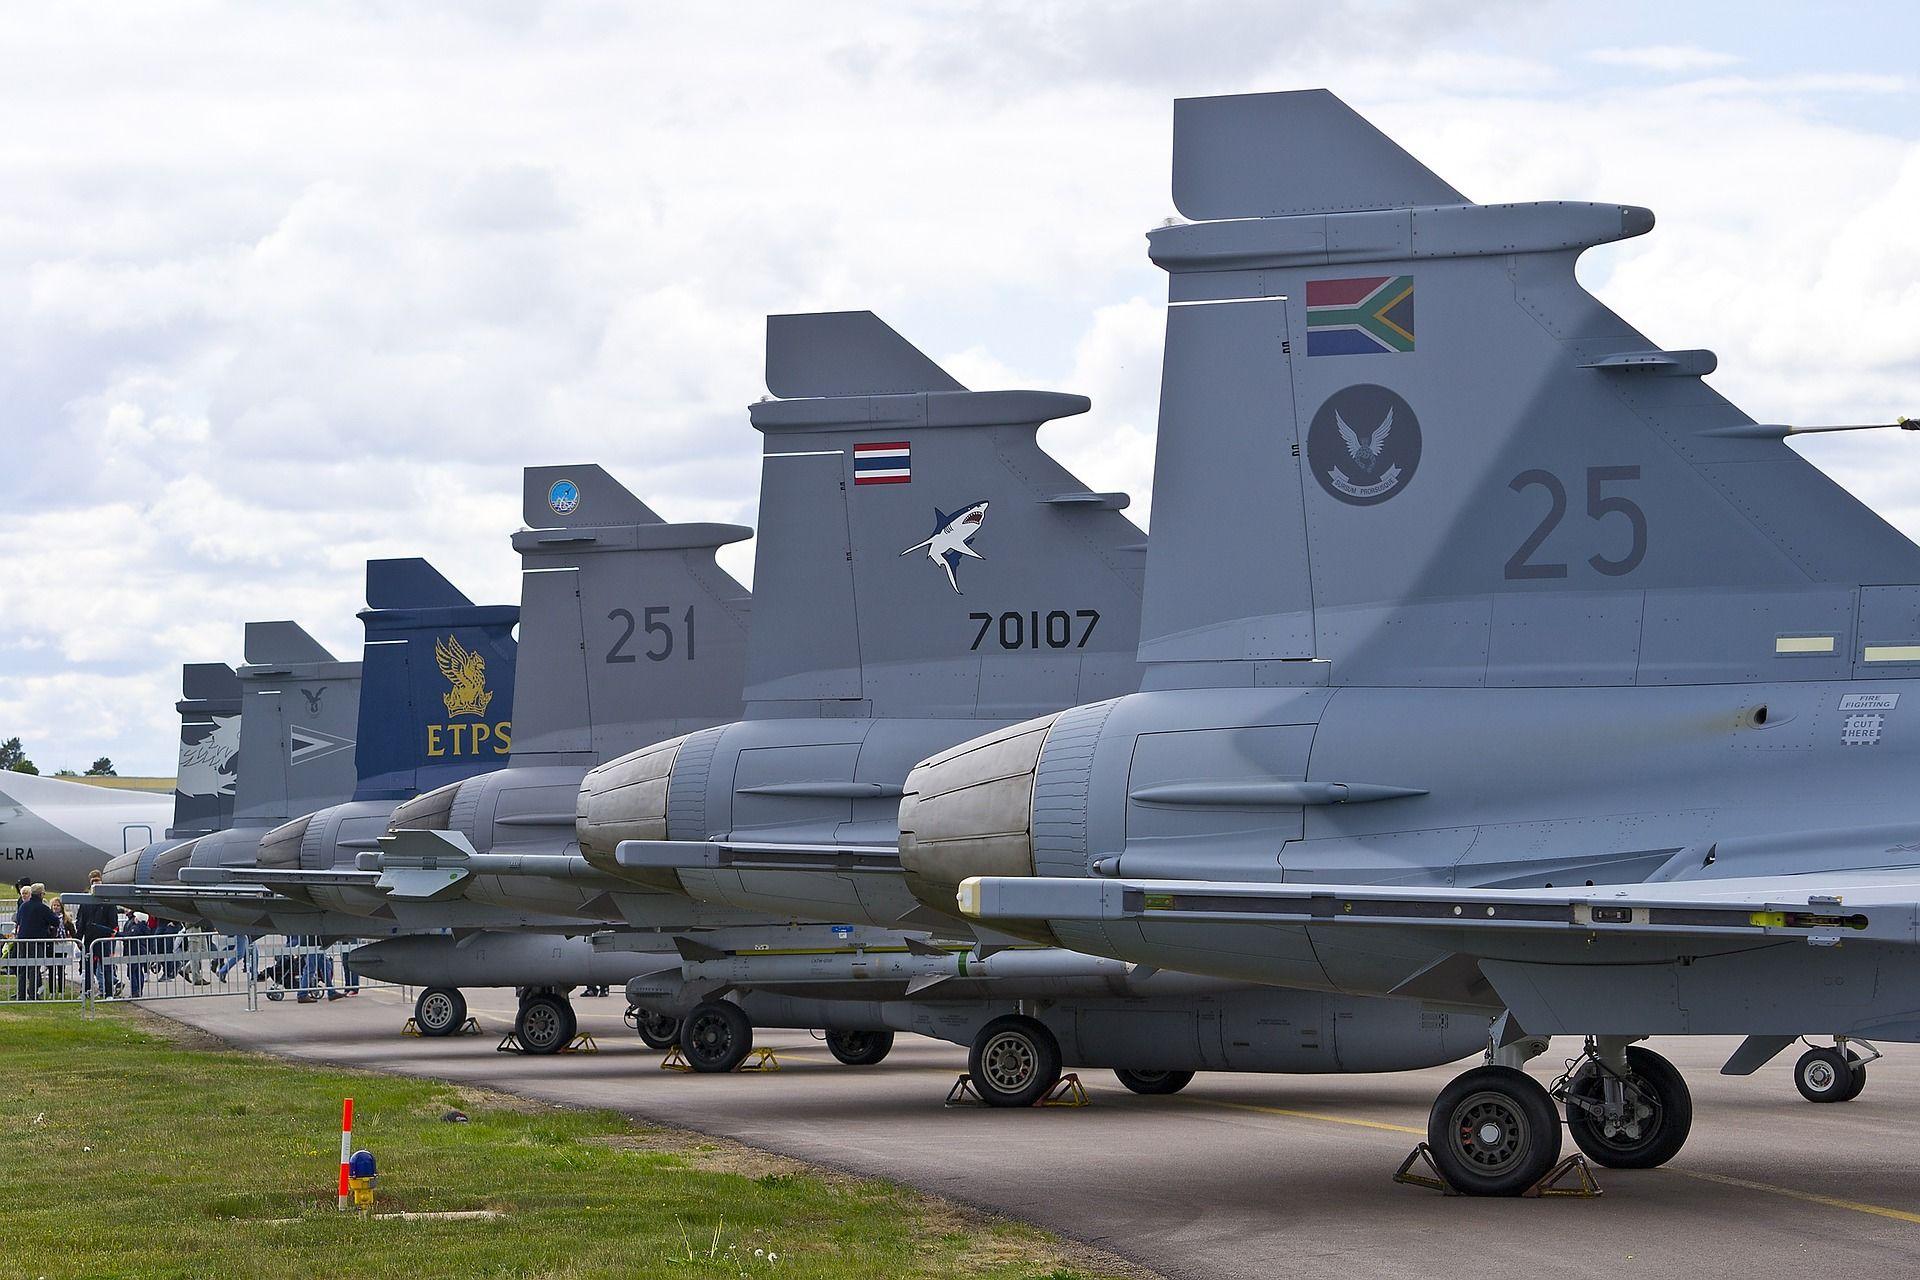 bilden föreställer flygvapenmuseet i Östergötland